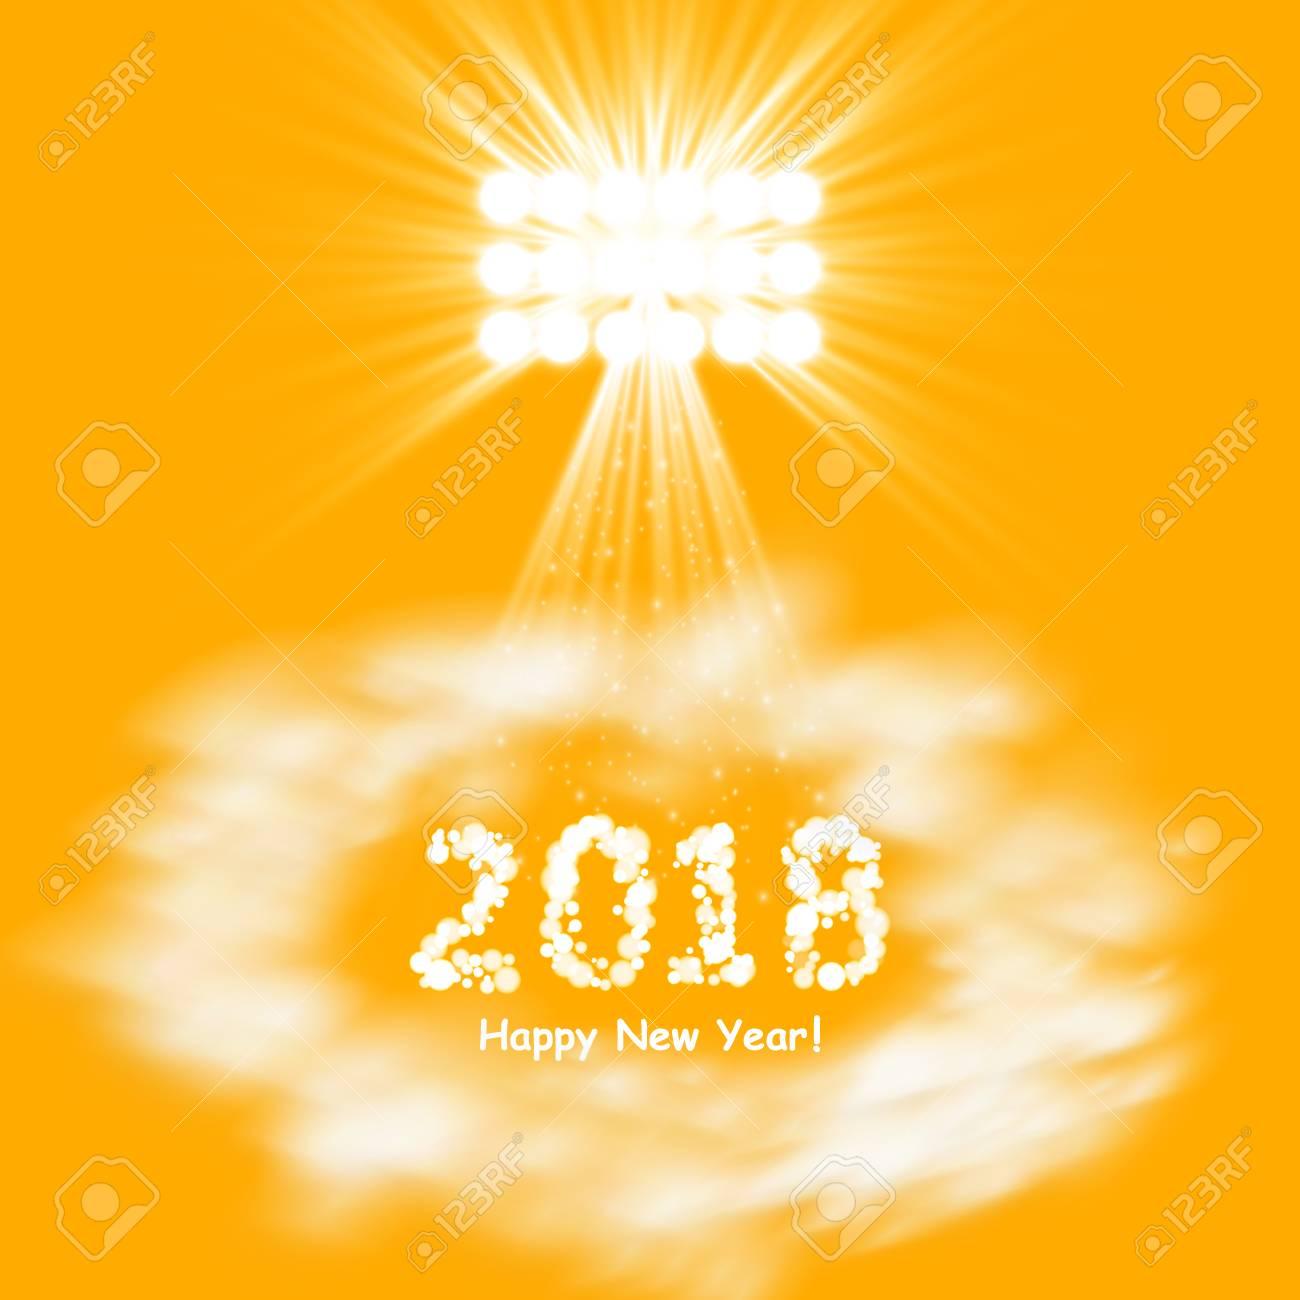 Cartel De La Fiesta De Navidad. Feliz Año Nuevo 2018 Folleto ...